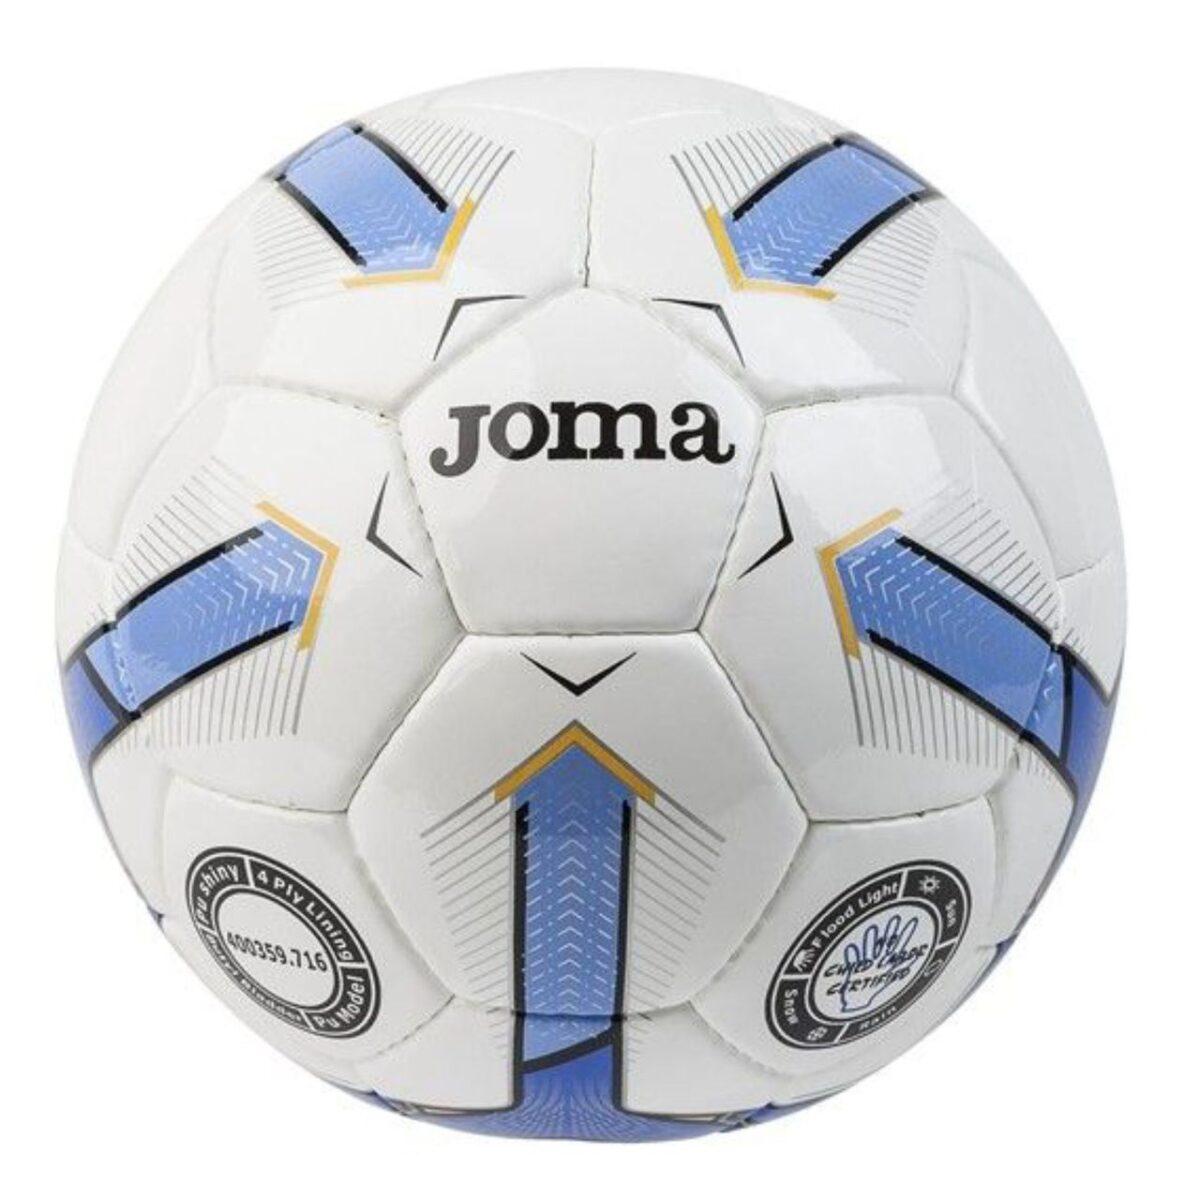 Joma Iceberg II Match Ball 400359.716